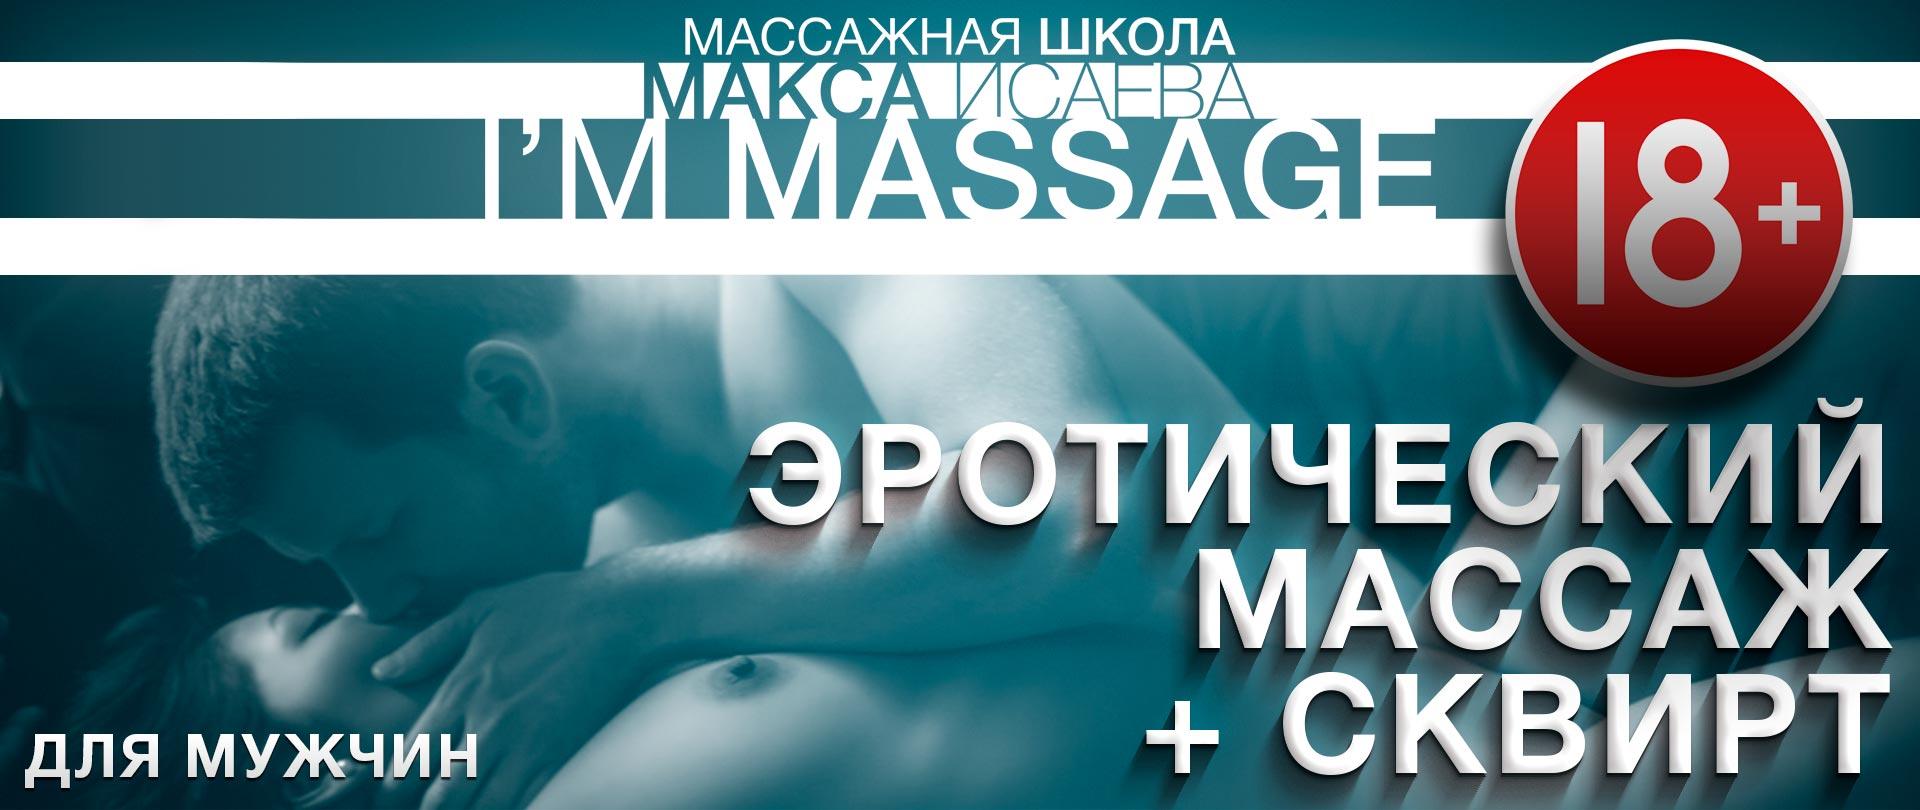 эротический массаж обучение мужчин